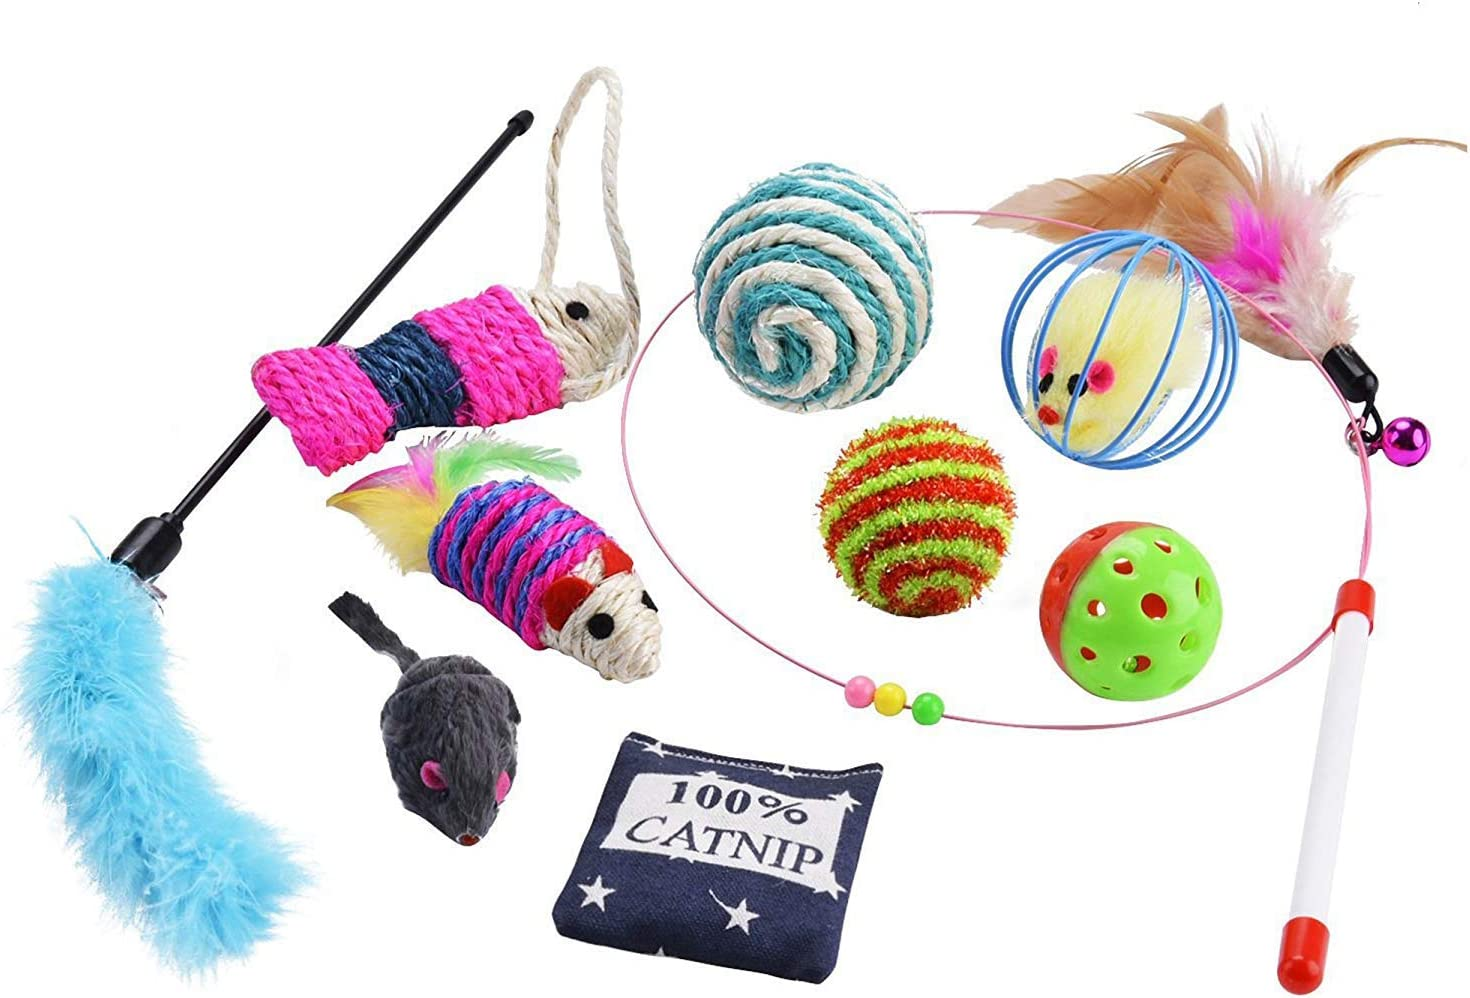 Juguetes para Gatos, 10 Piezas Juguete Interactivo para Gatos con Plumas para Kitty, mascotas juguetes, Juguete para Perros